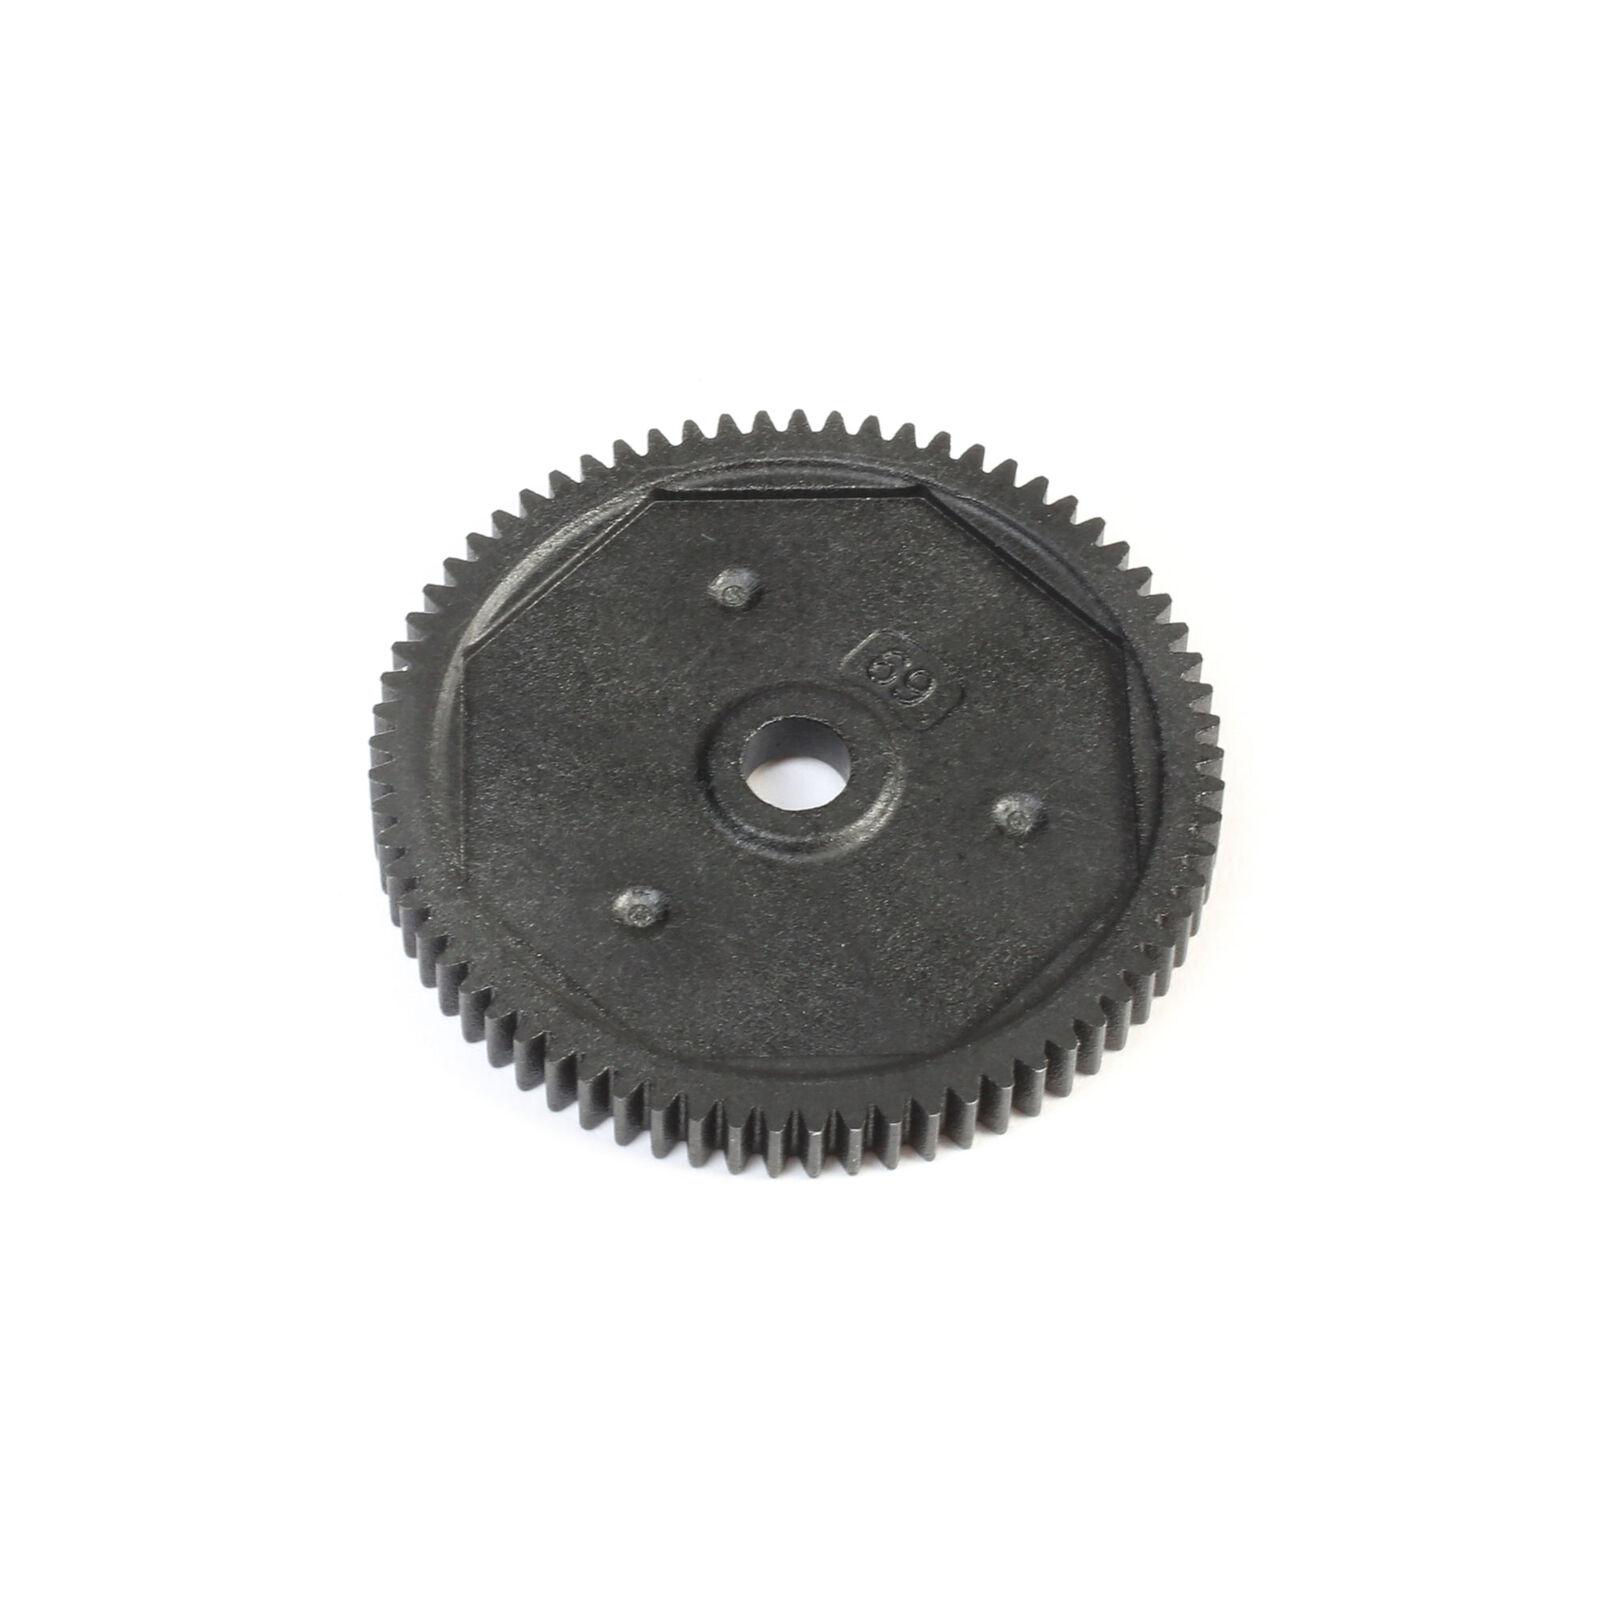 69T Spur Gear, SHDS, 48P